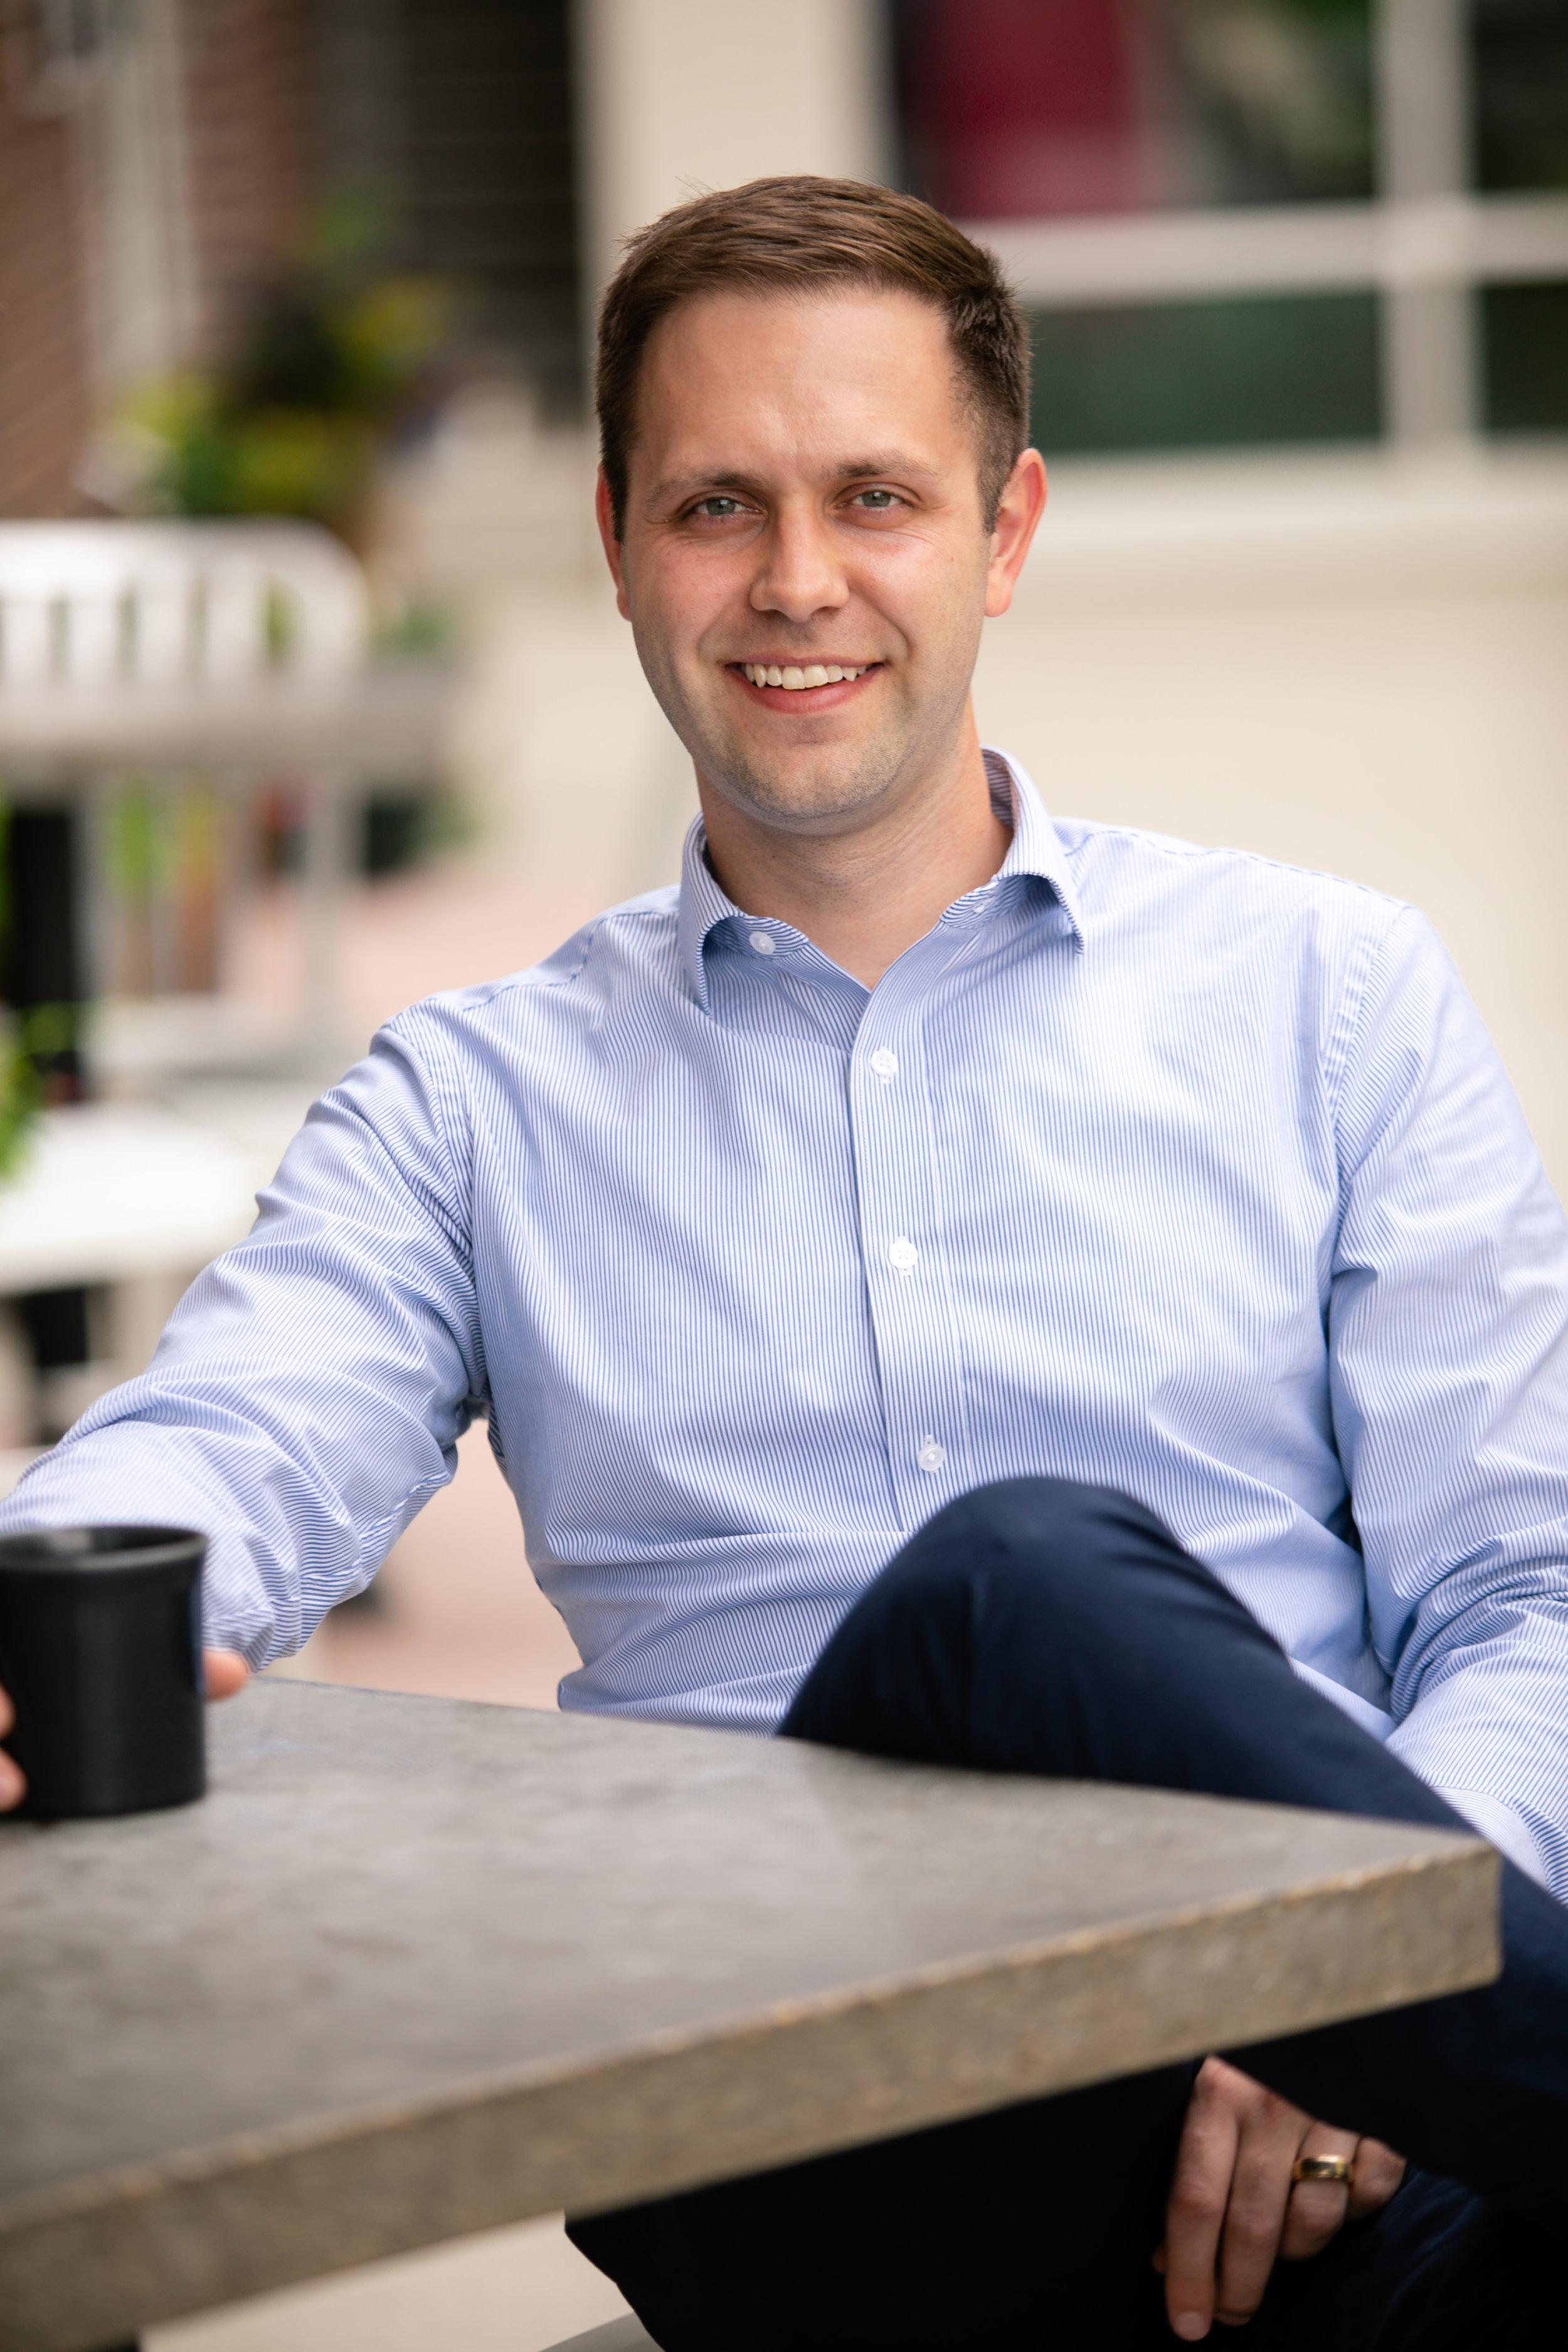 Andrew-Weckman-Therapist